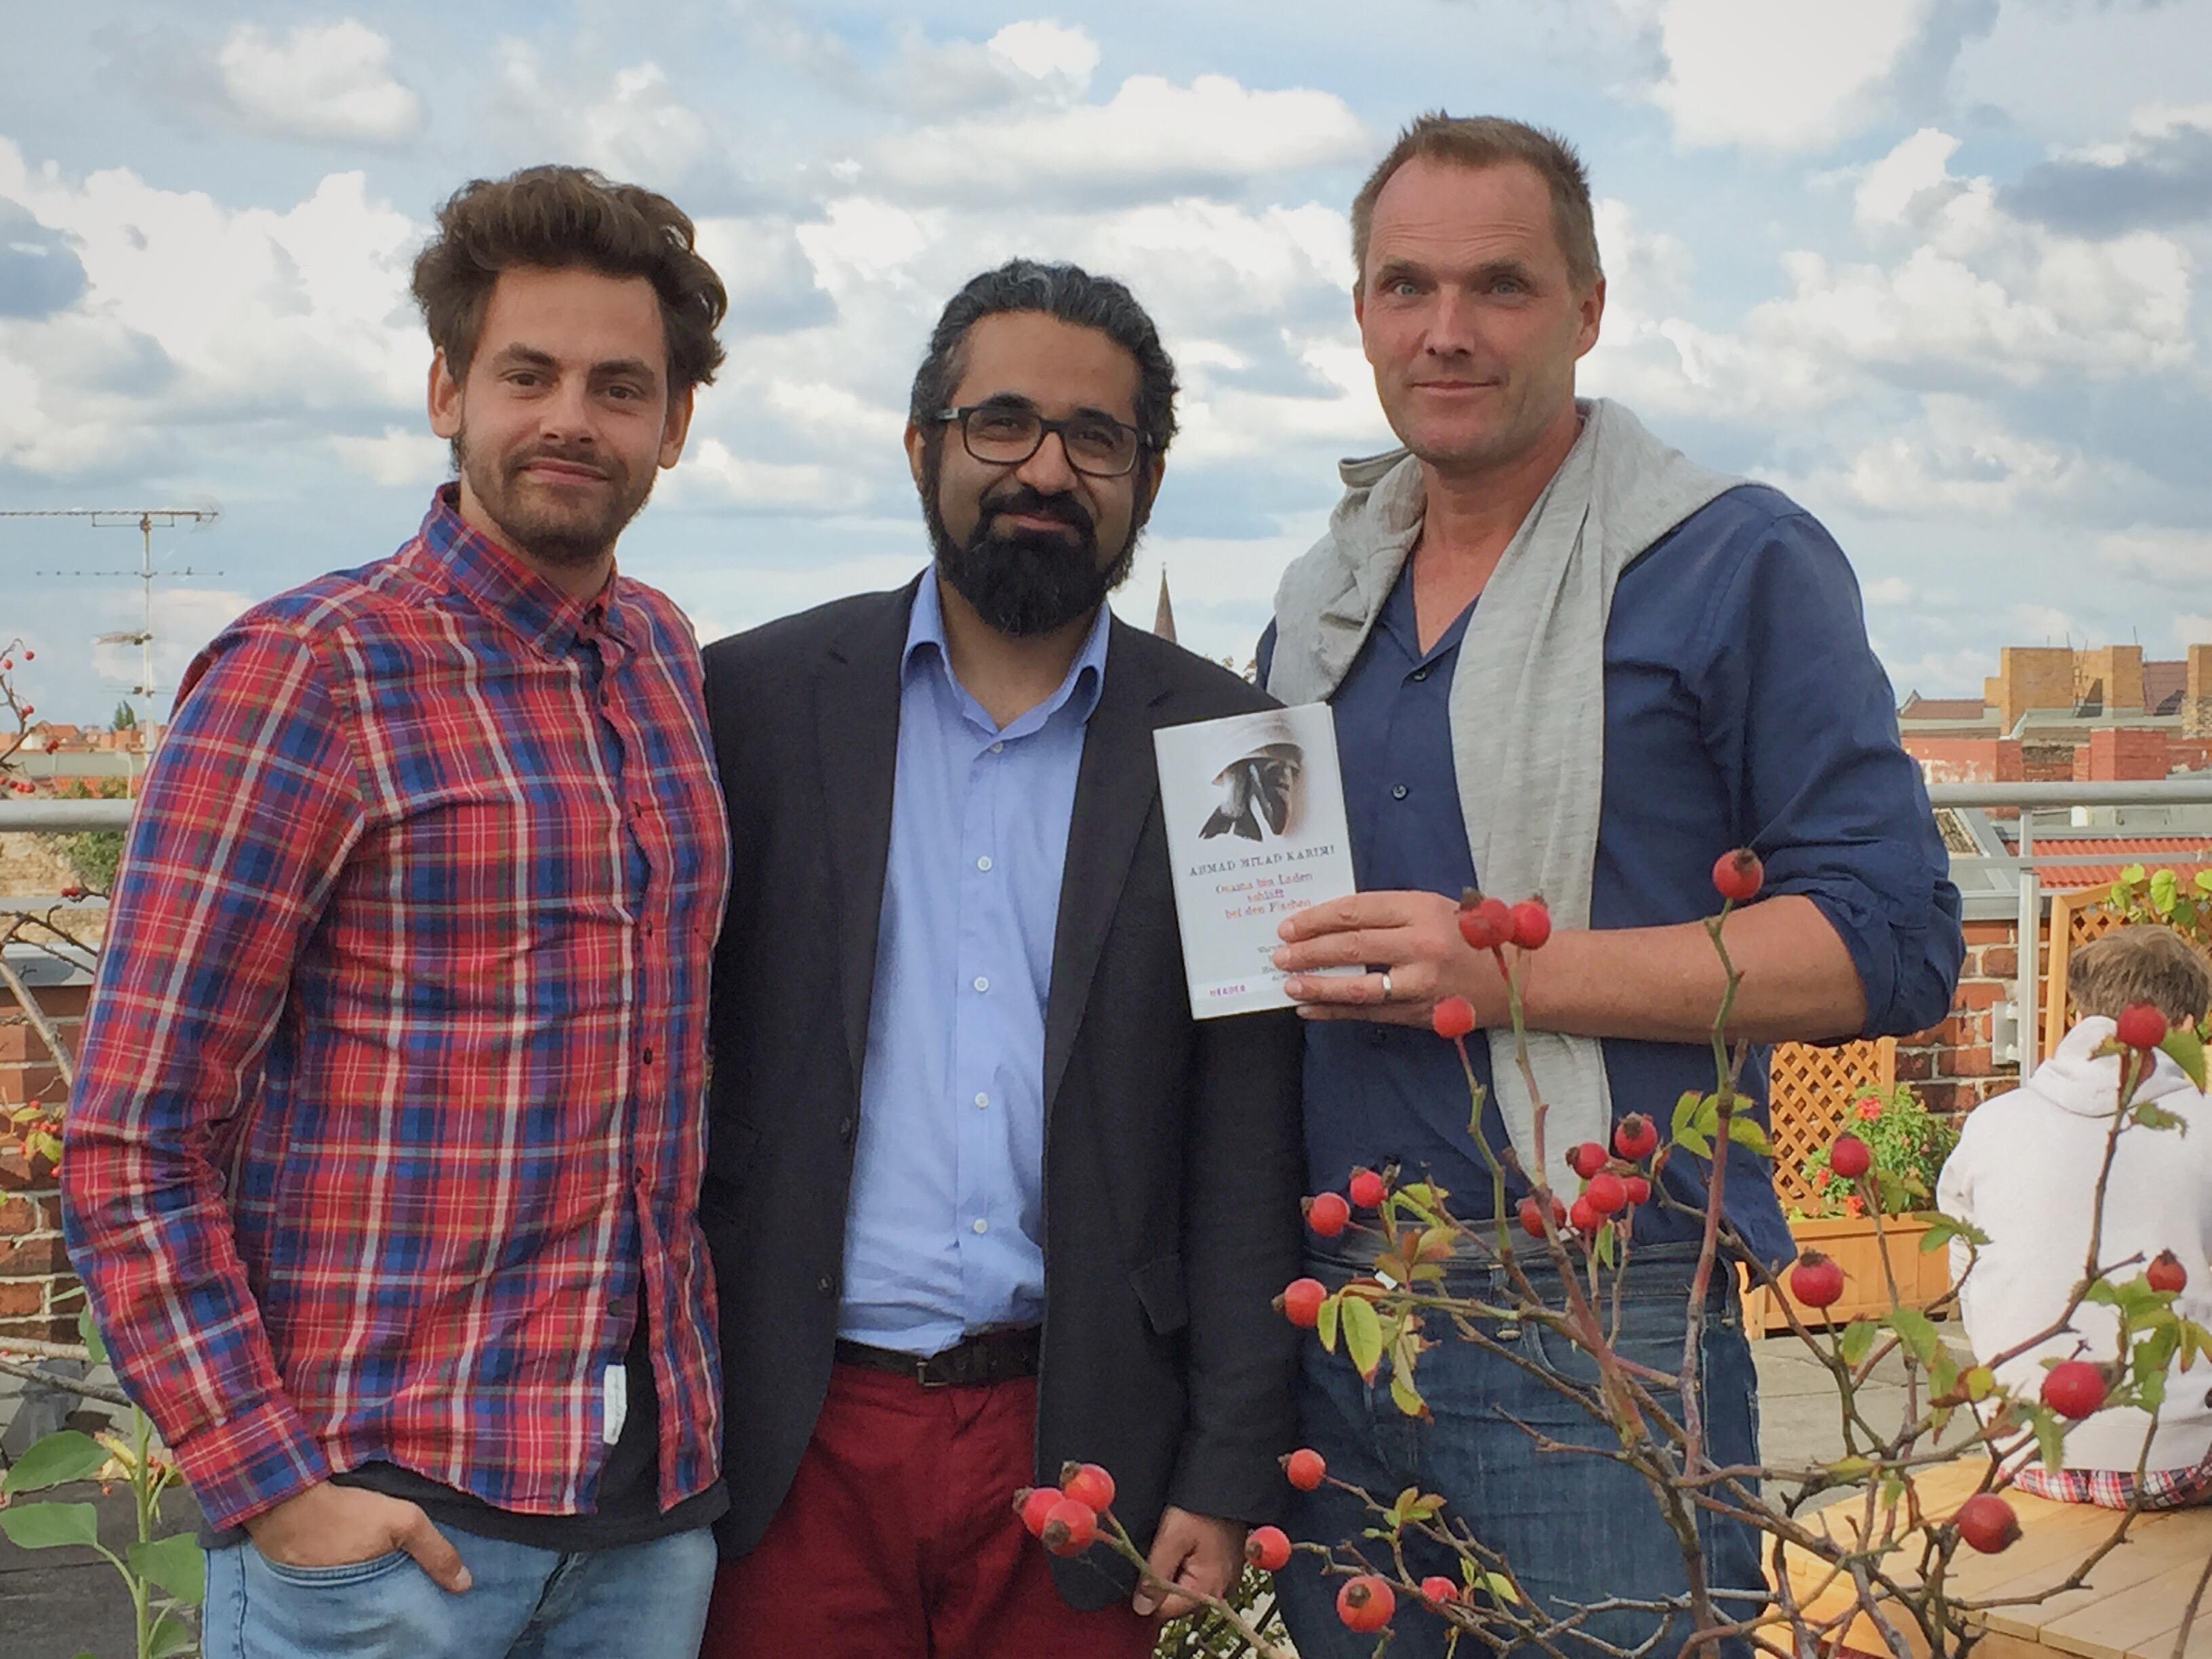 Shai Hoffmann interviewt Islamwissenschaftler Dr. Milad Karim – vom Flüchtling zum Professor 2/2